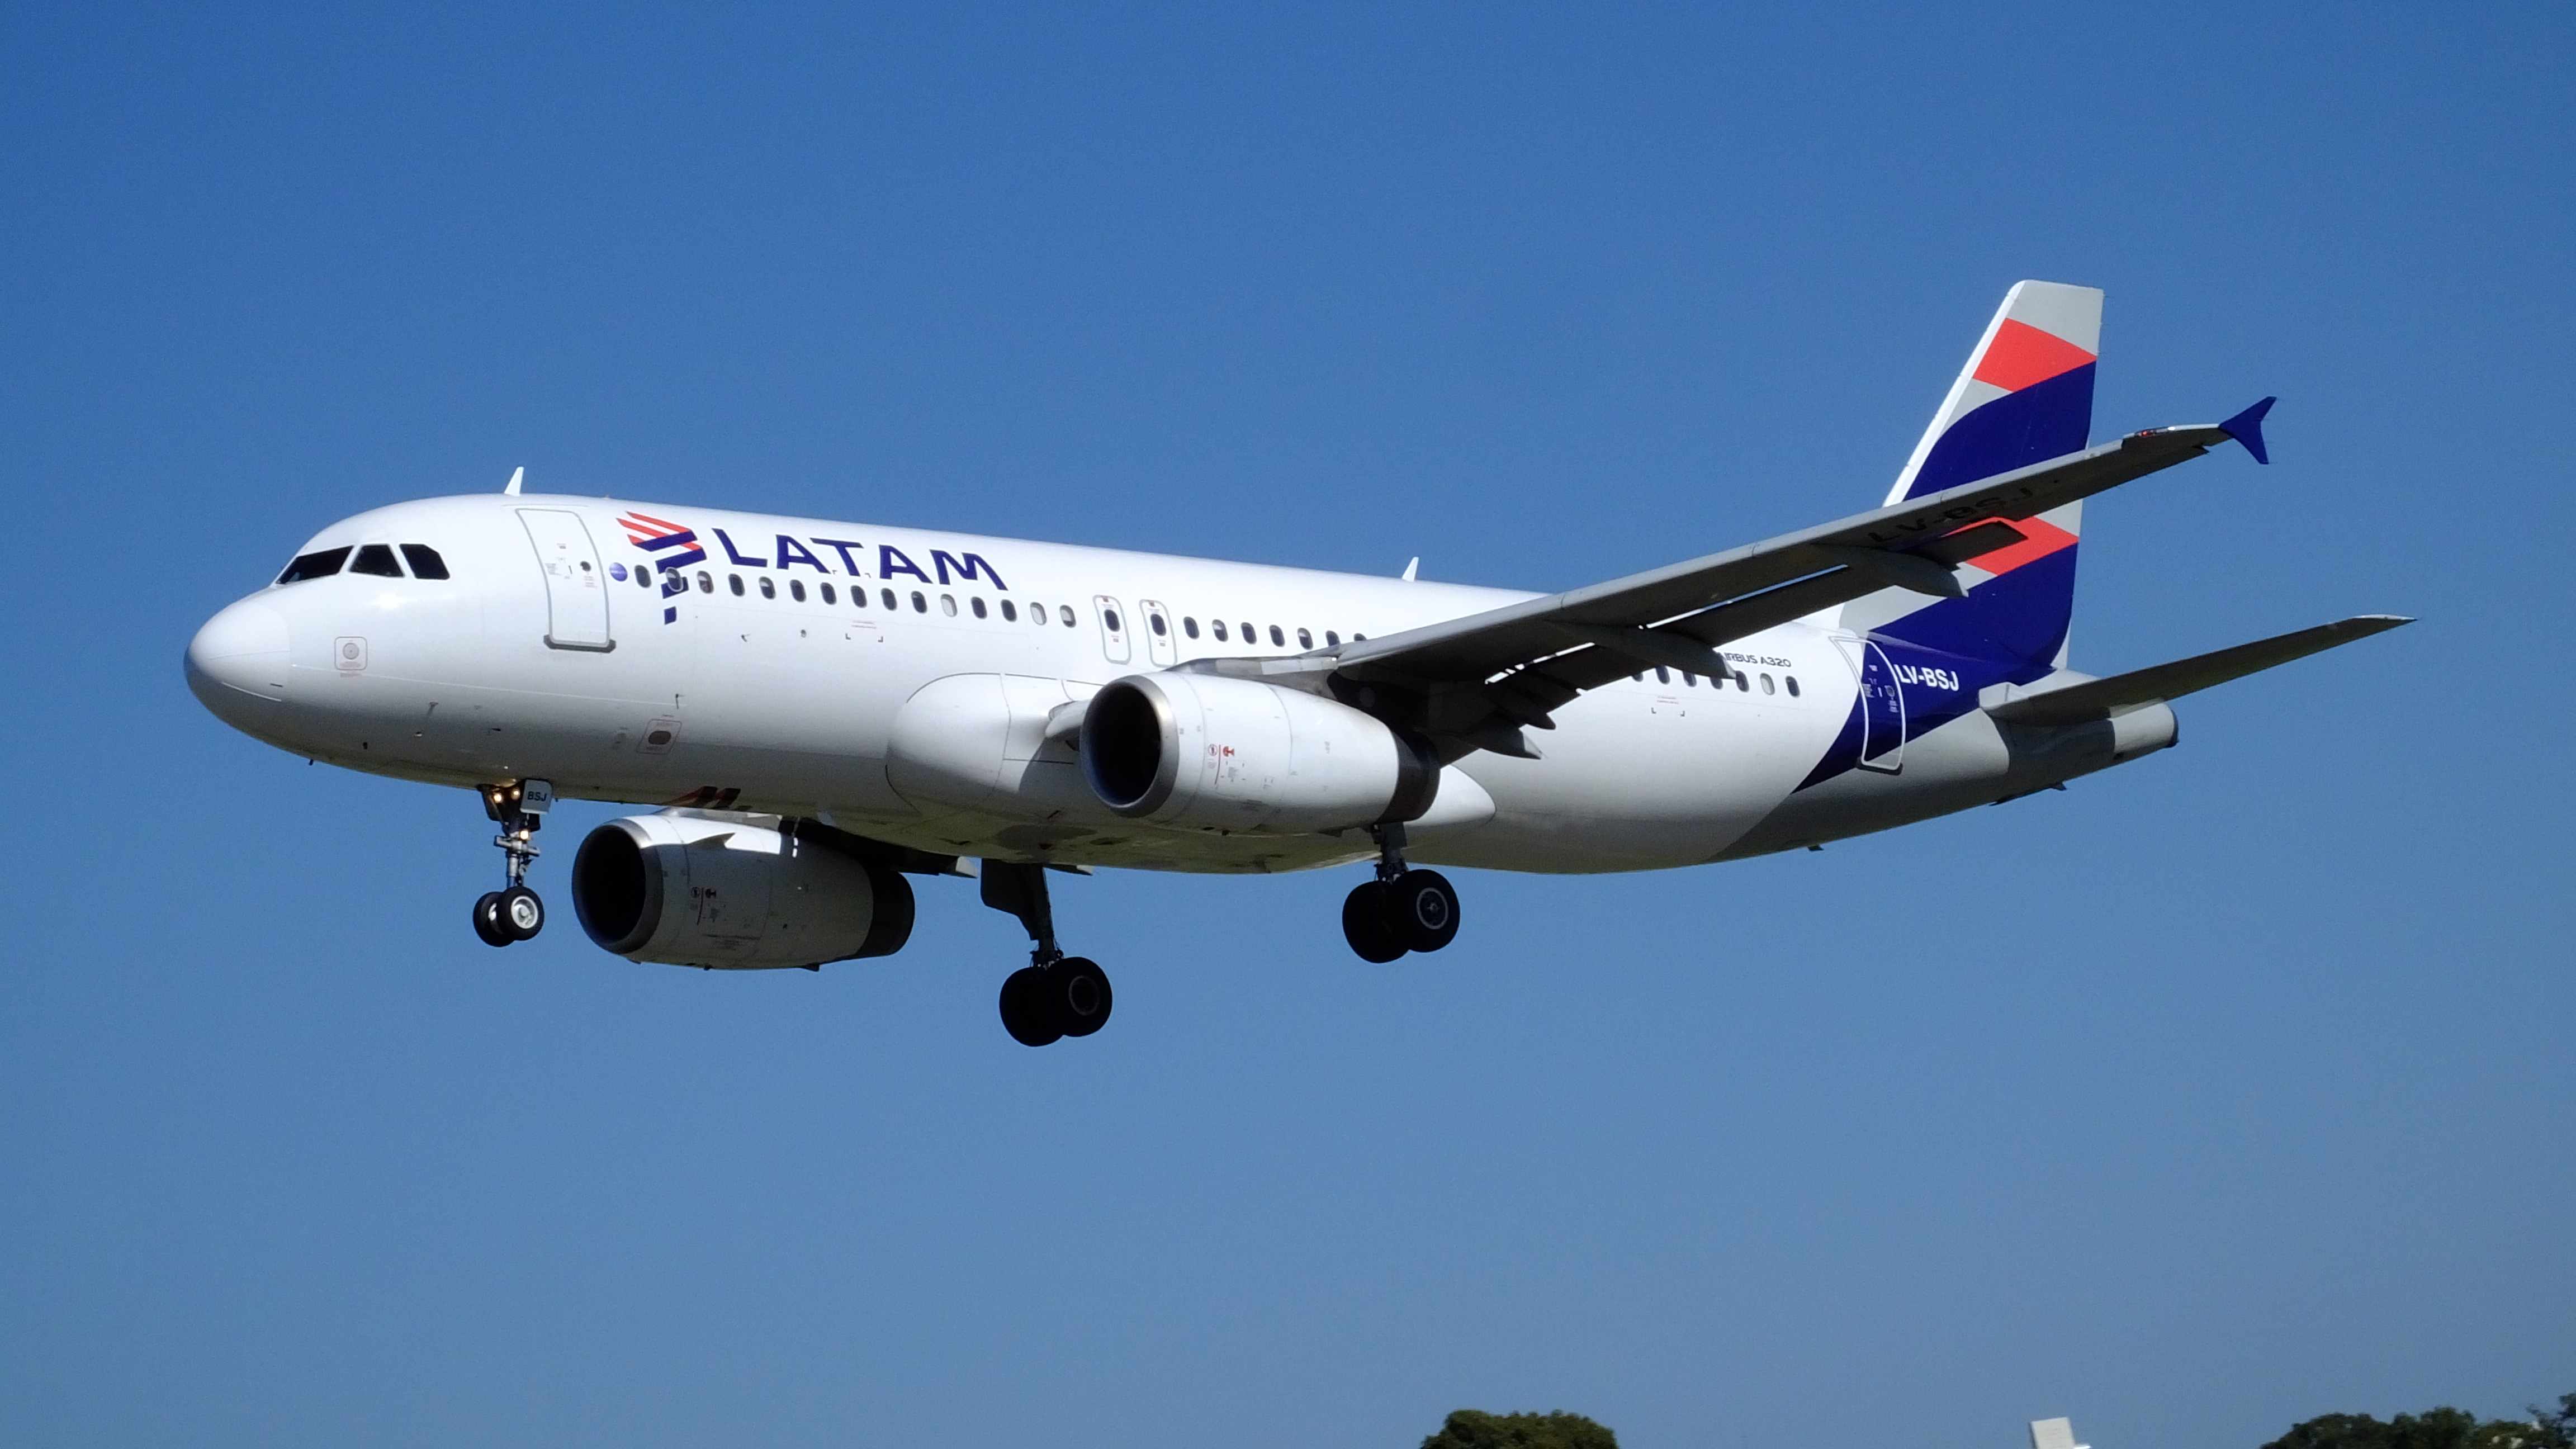 A companhia aérea Latam Brasil apresentou na noite desta quarta-feira (8) um pedido de recuperação judicial nos Estados Unidos